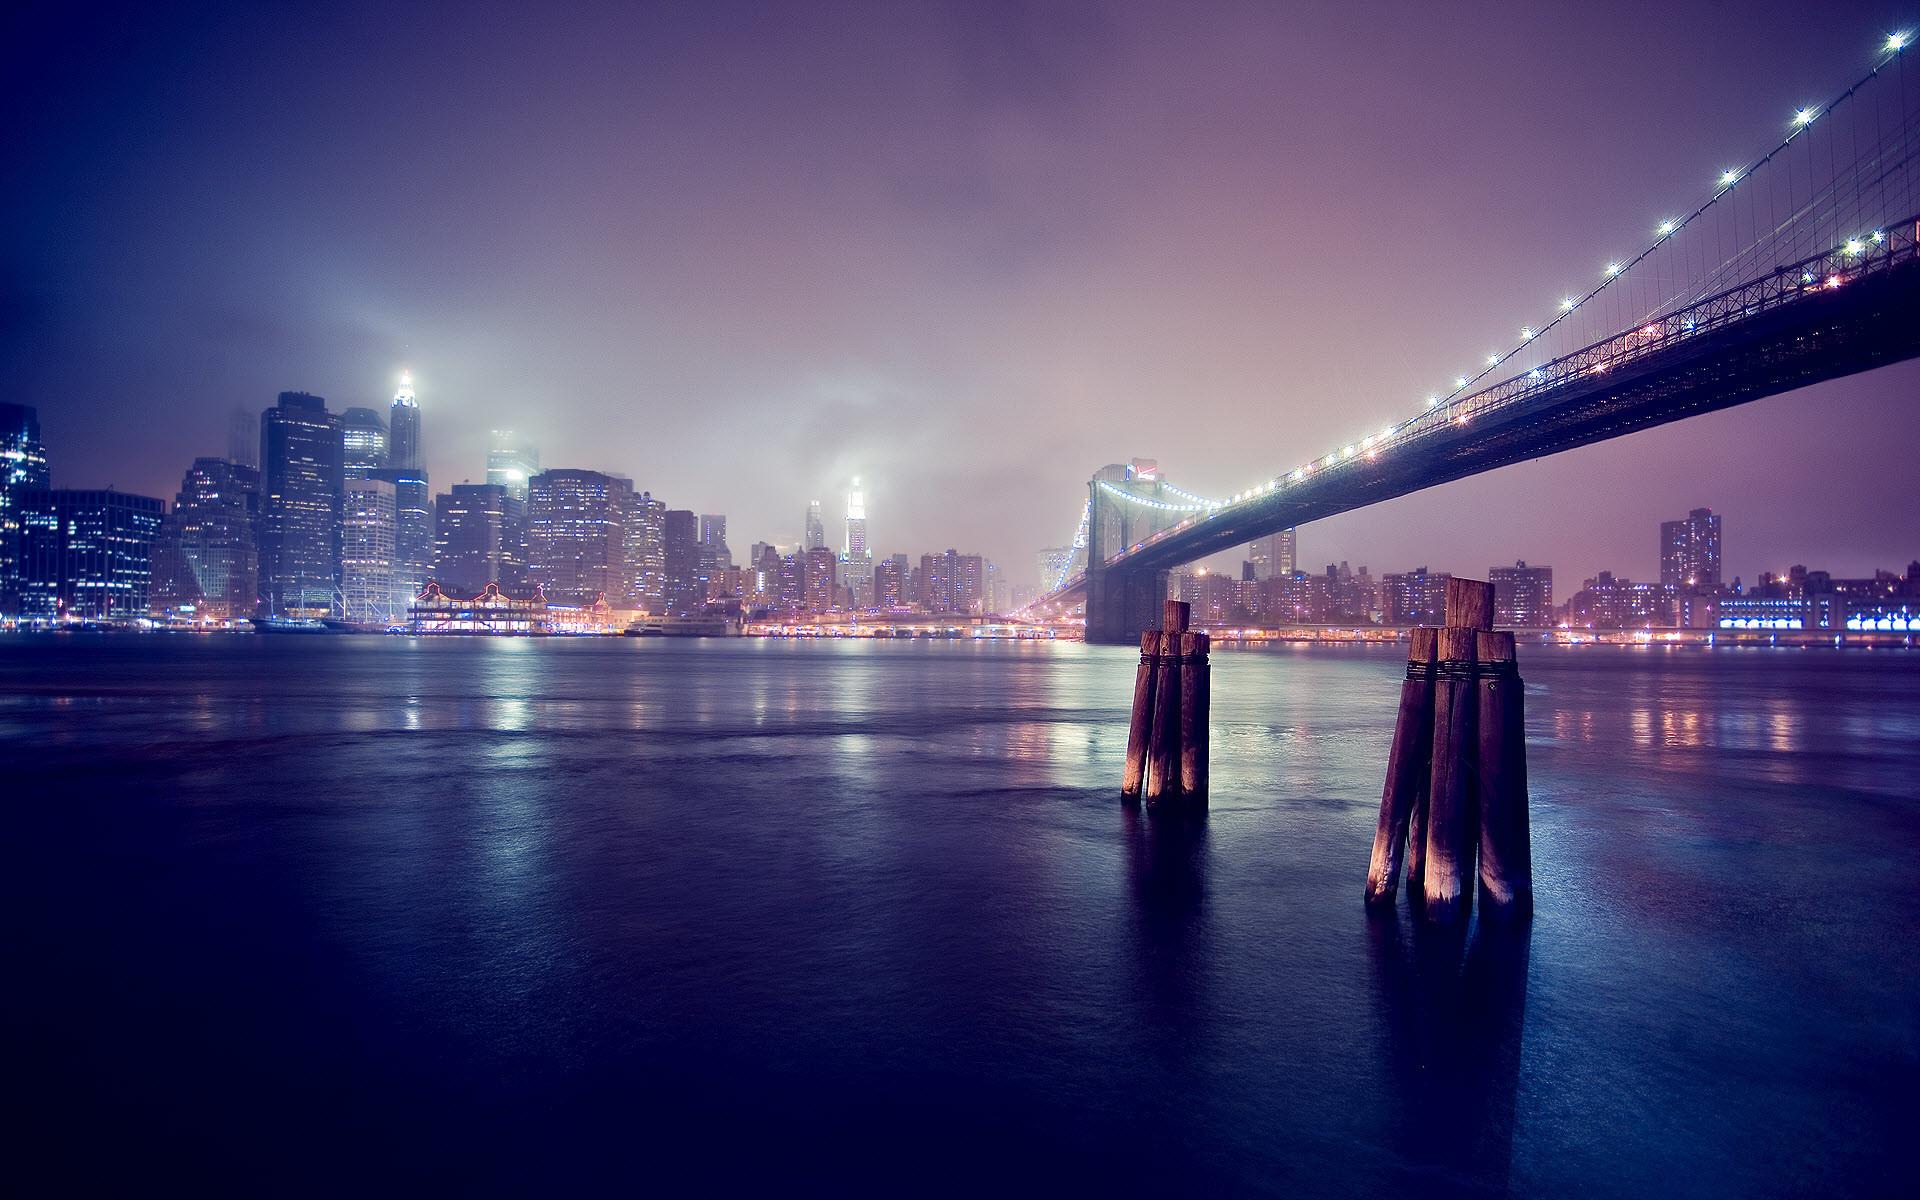 City Nights & Lights